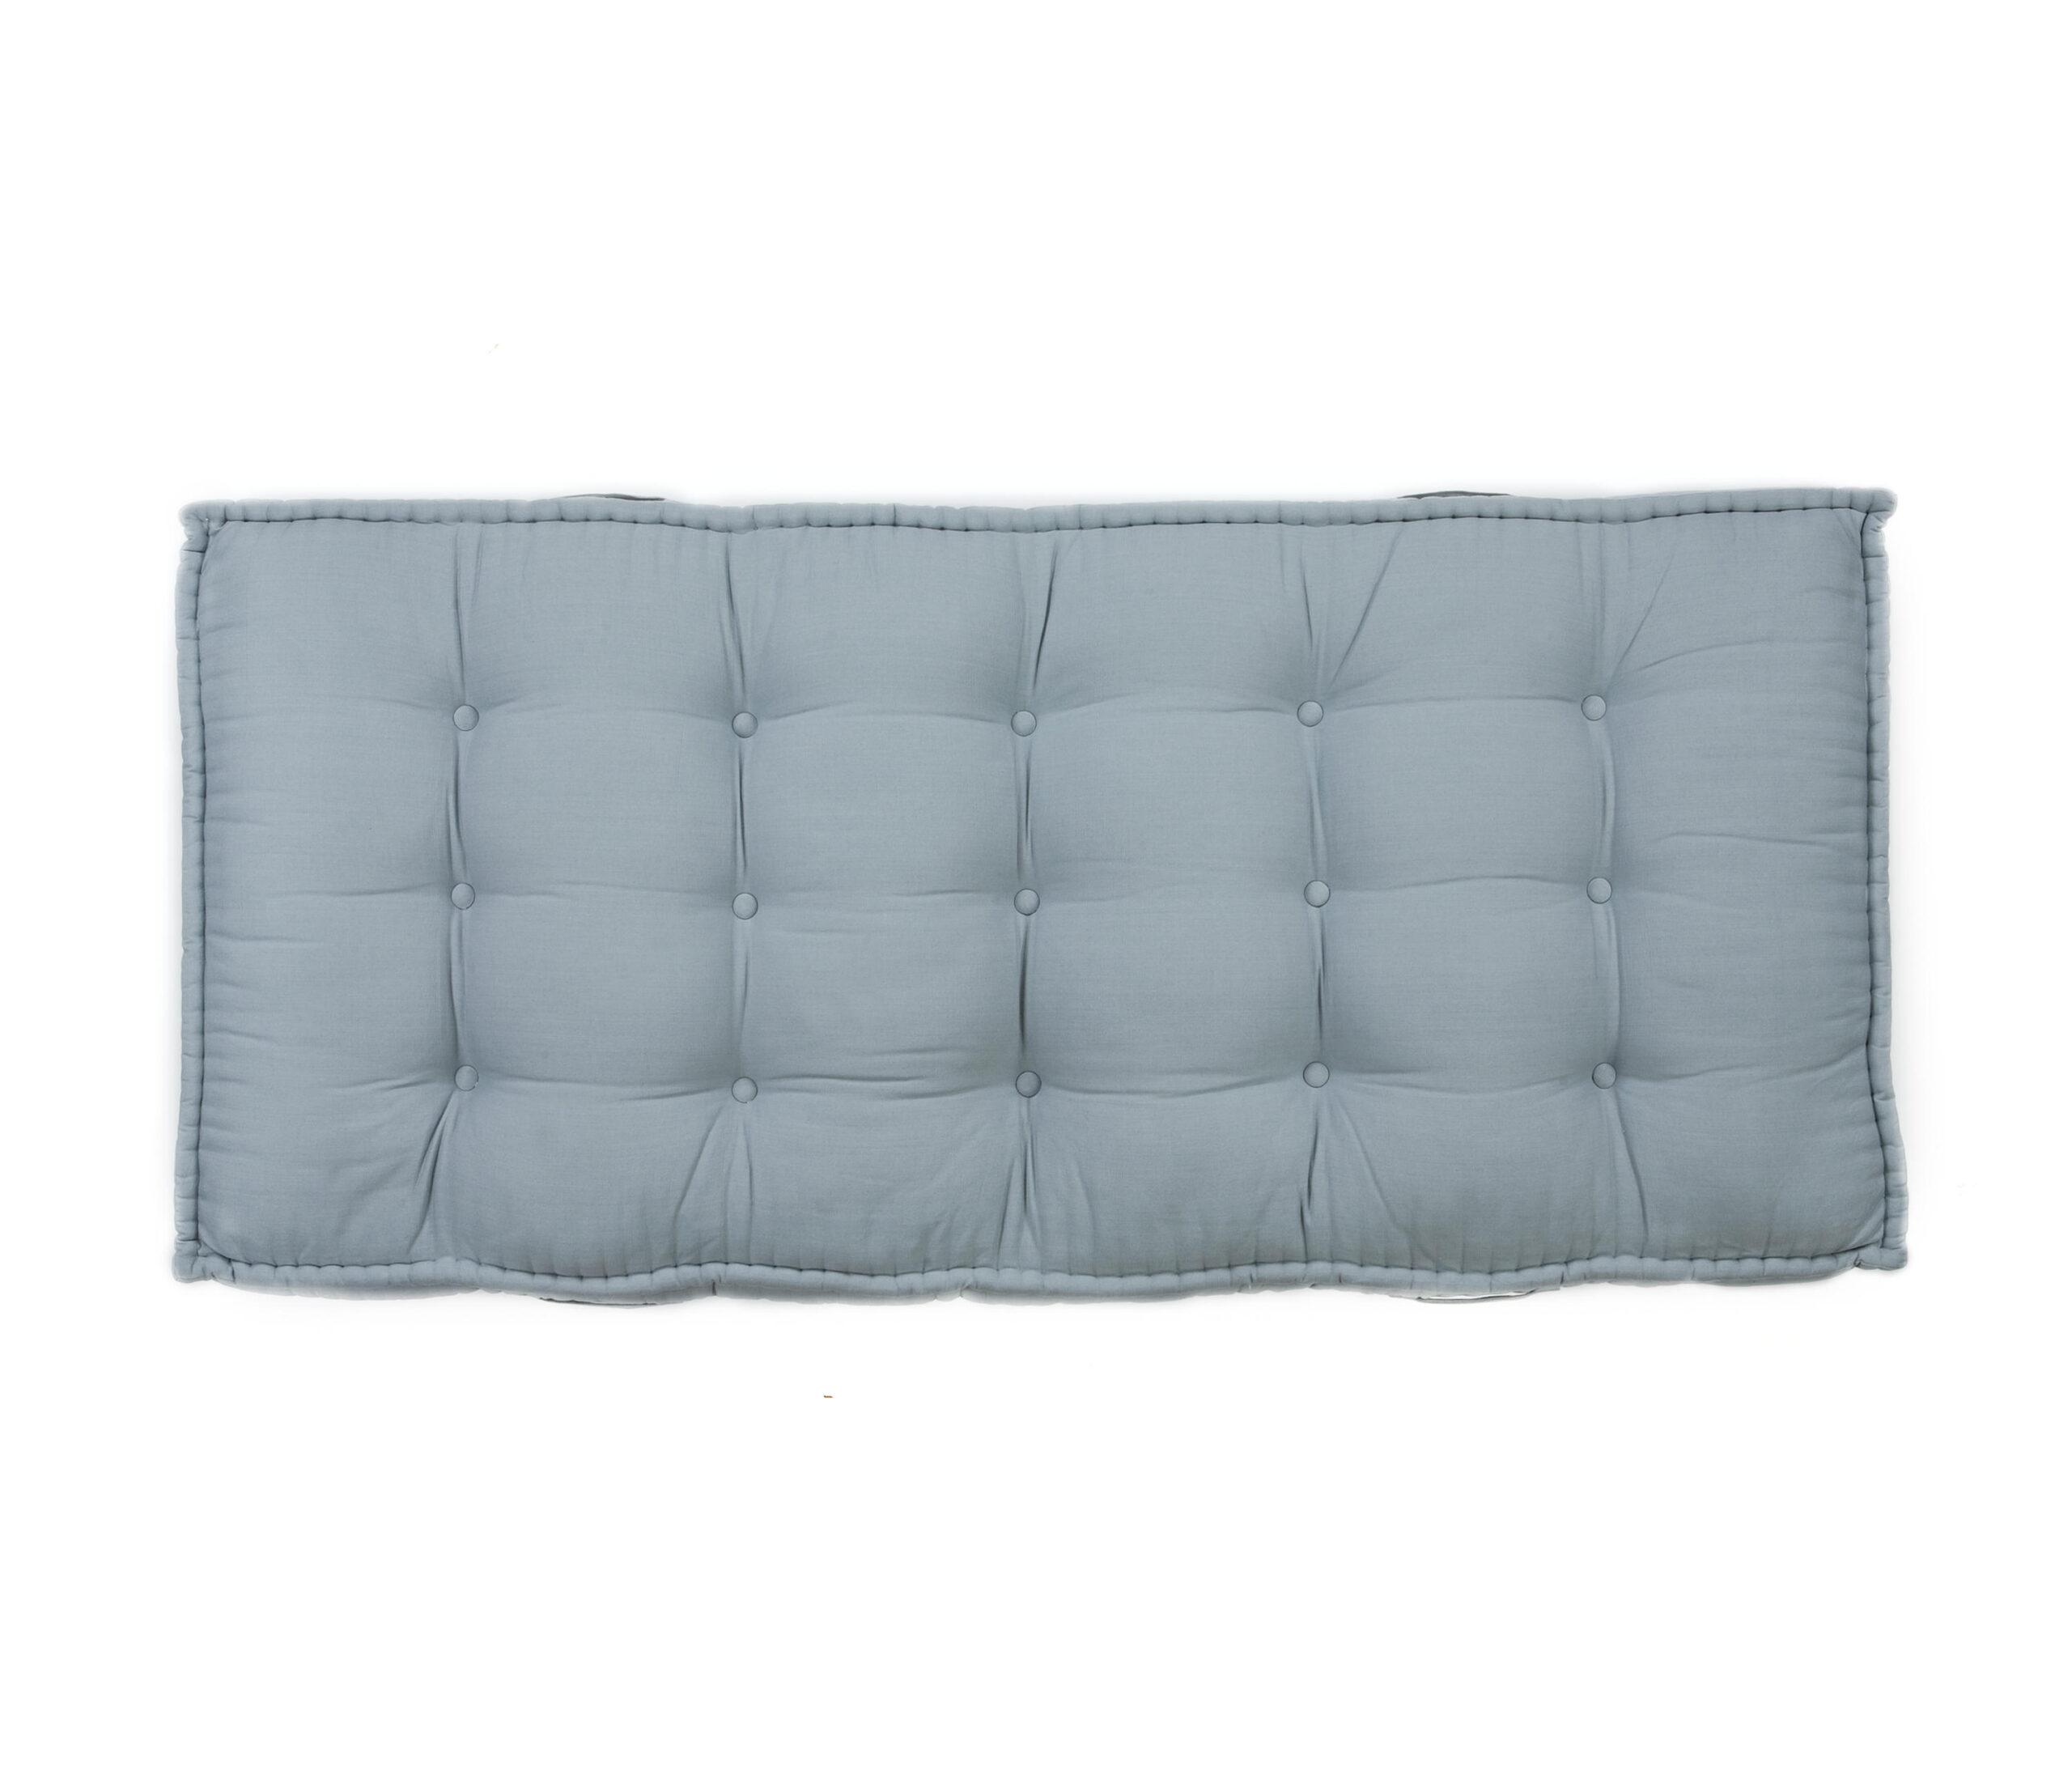 Full Size of Sofa Bauen Matratzen Aus Zwei Mit Matratze Selber Couch Matratzenbezug Jako O Kinder Ikea Matratzenauflage Cham Blaugrau Designermbel Architonic 2 5 Sitzer Sofa Sofa Aus Matratzen